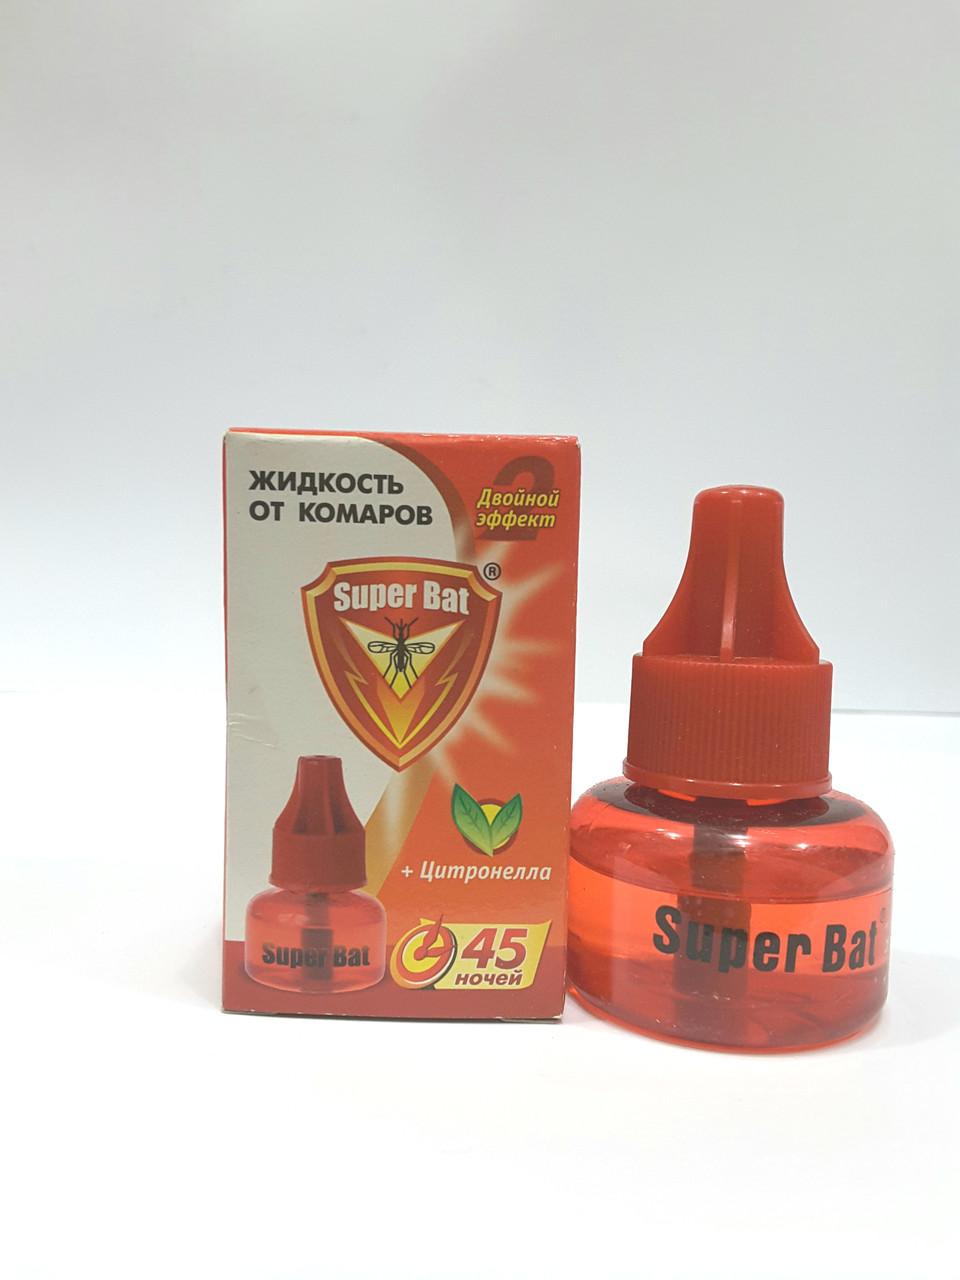 Жидкость от комаров Super Bat + Цитронелла